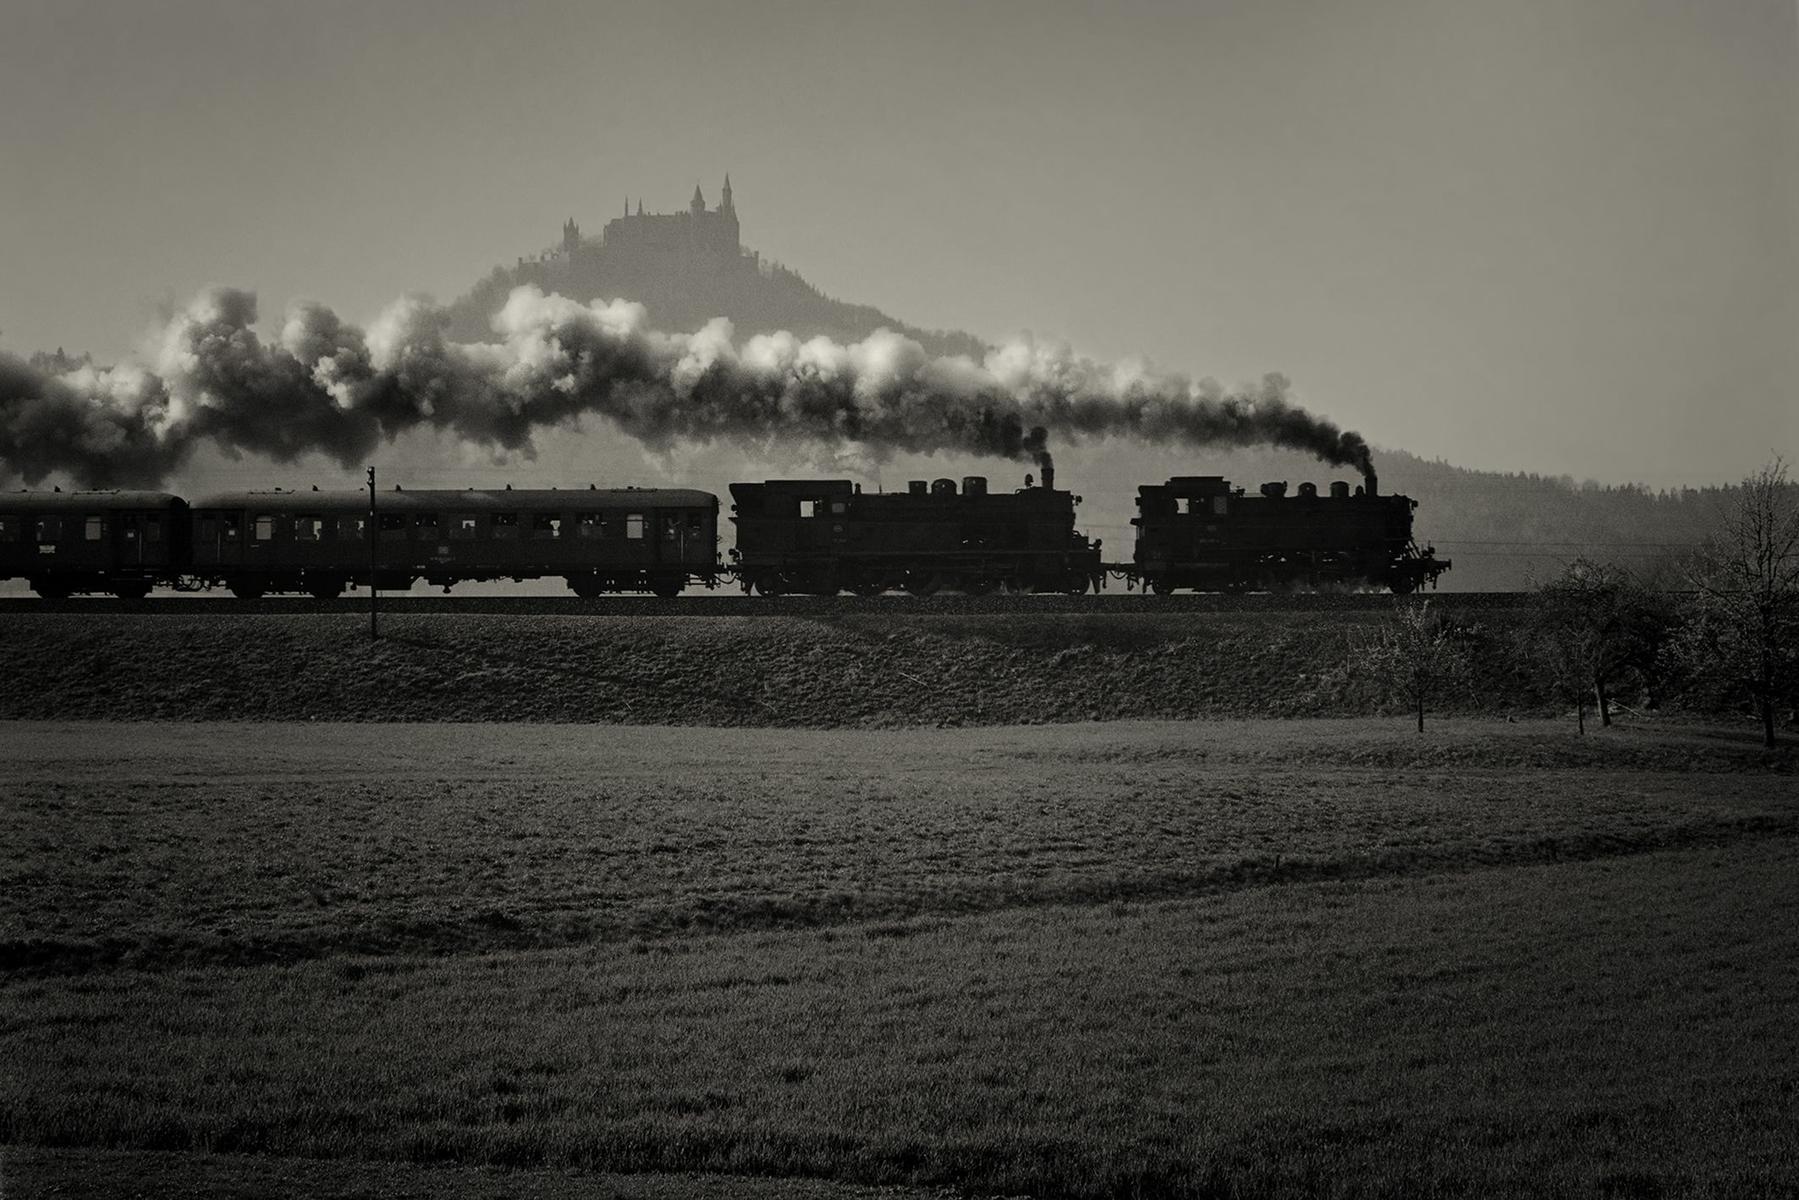 Dampfloks vor der Burg Hohenzollern bei Hechingen, 1974: Foto: Thomas Pflaum